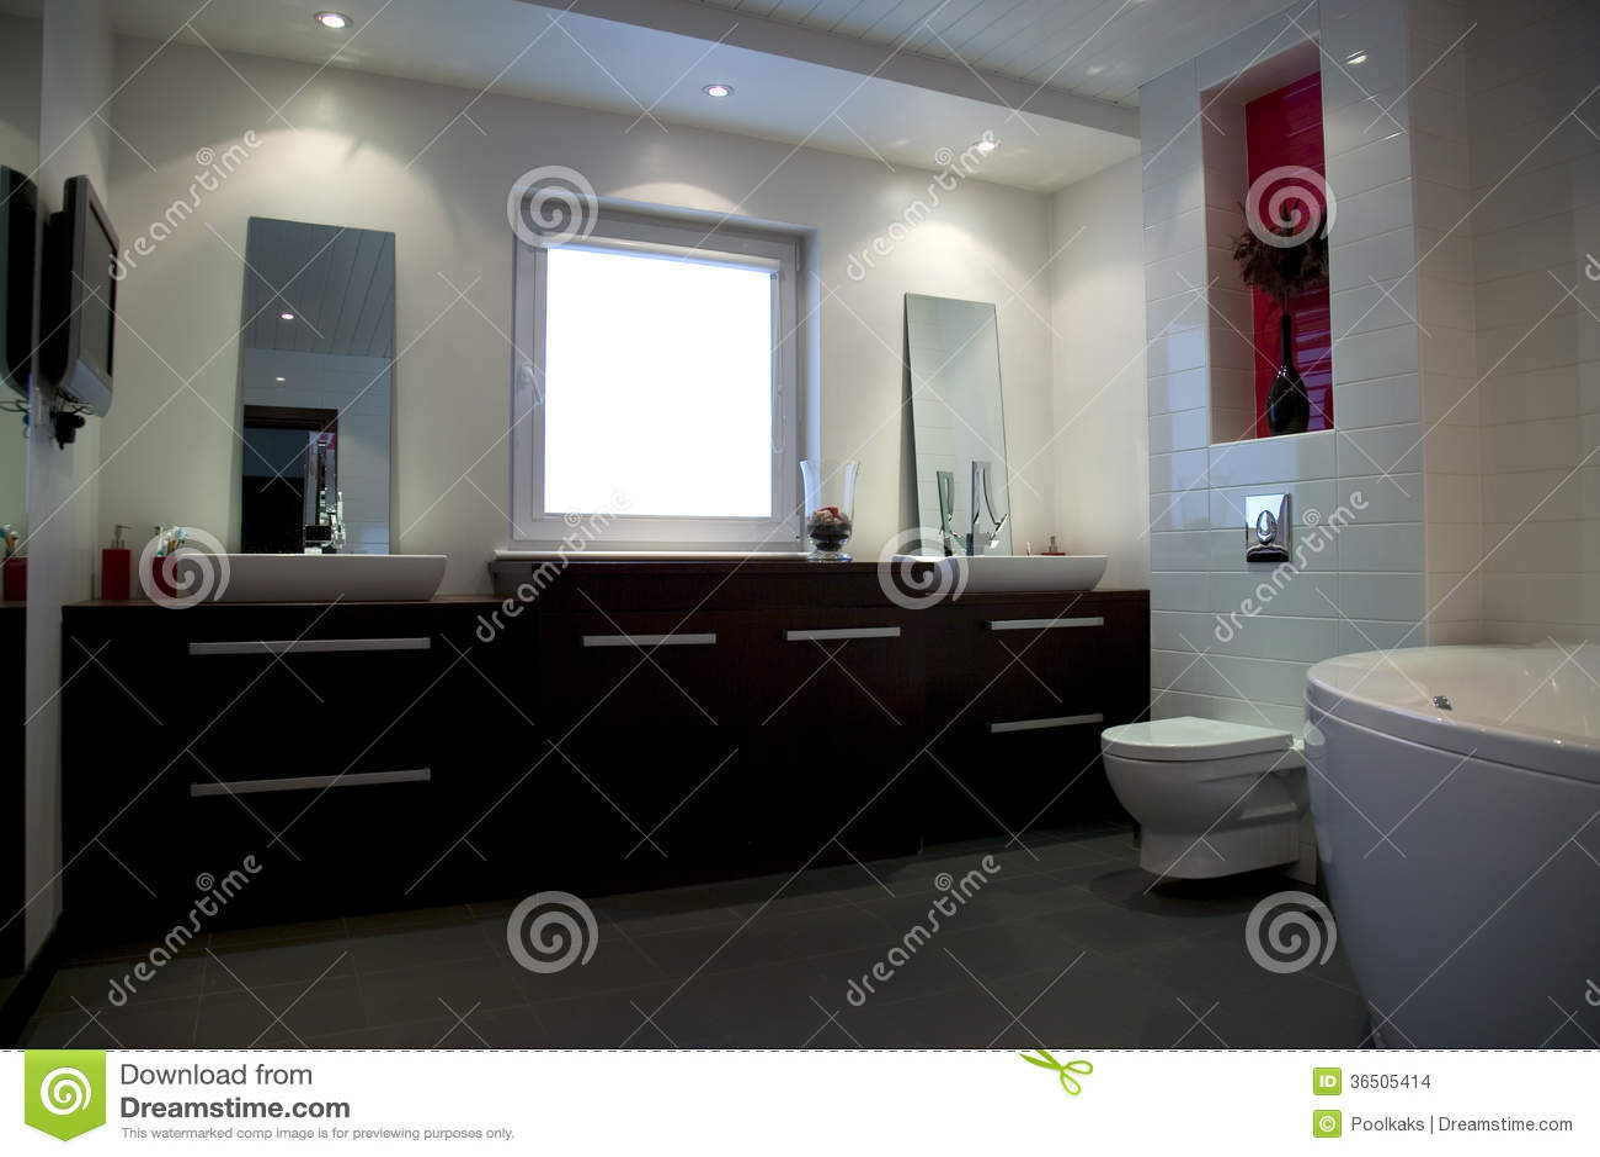 Cuarto de baño blanco grande moderno con muebles y el baño marrones